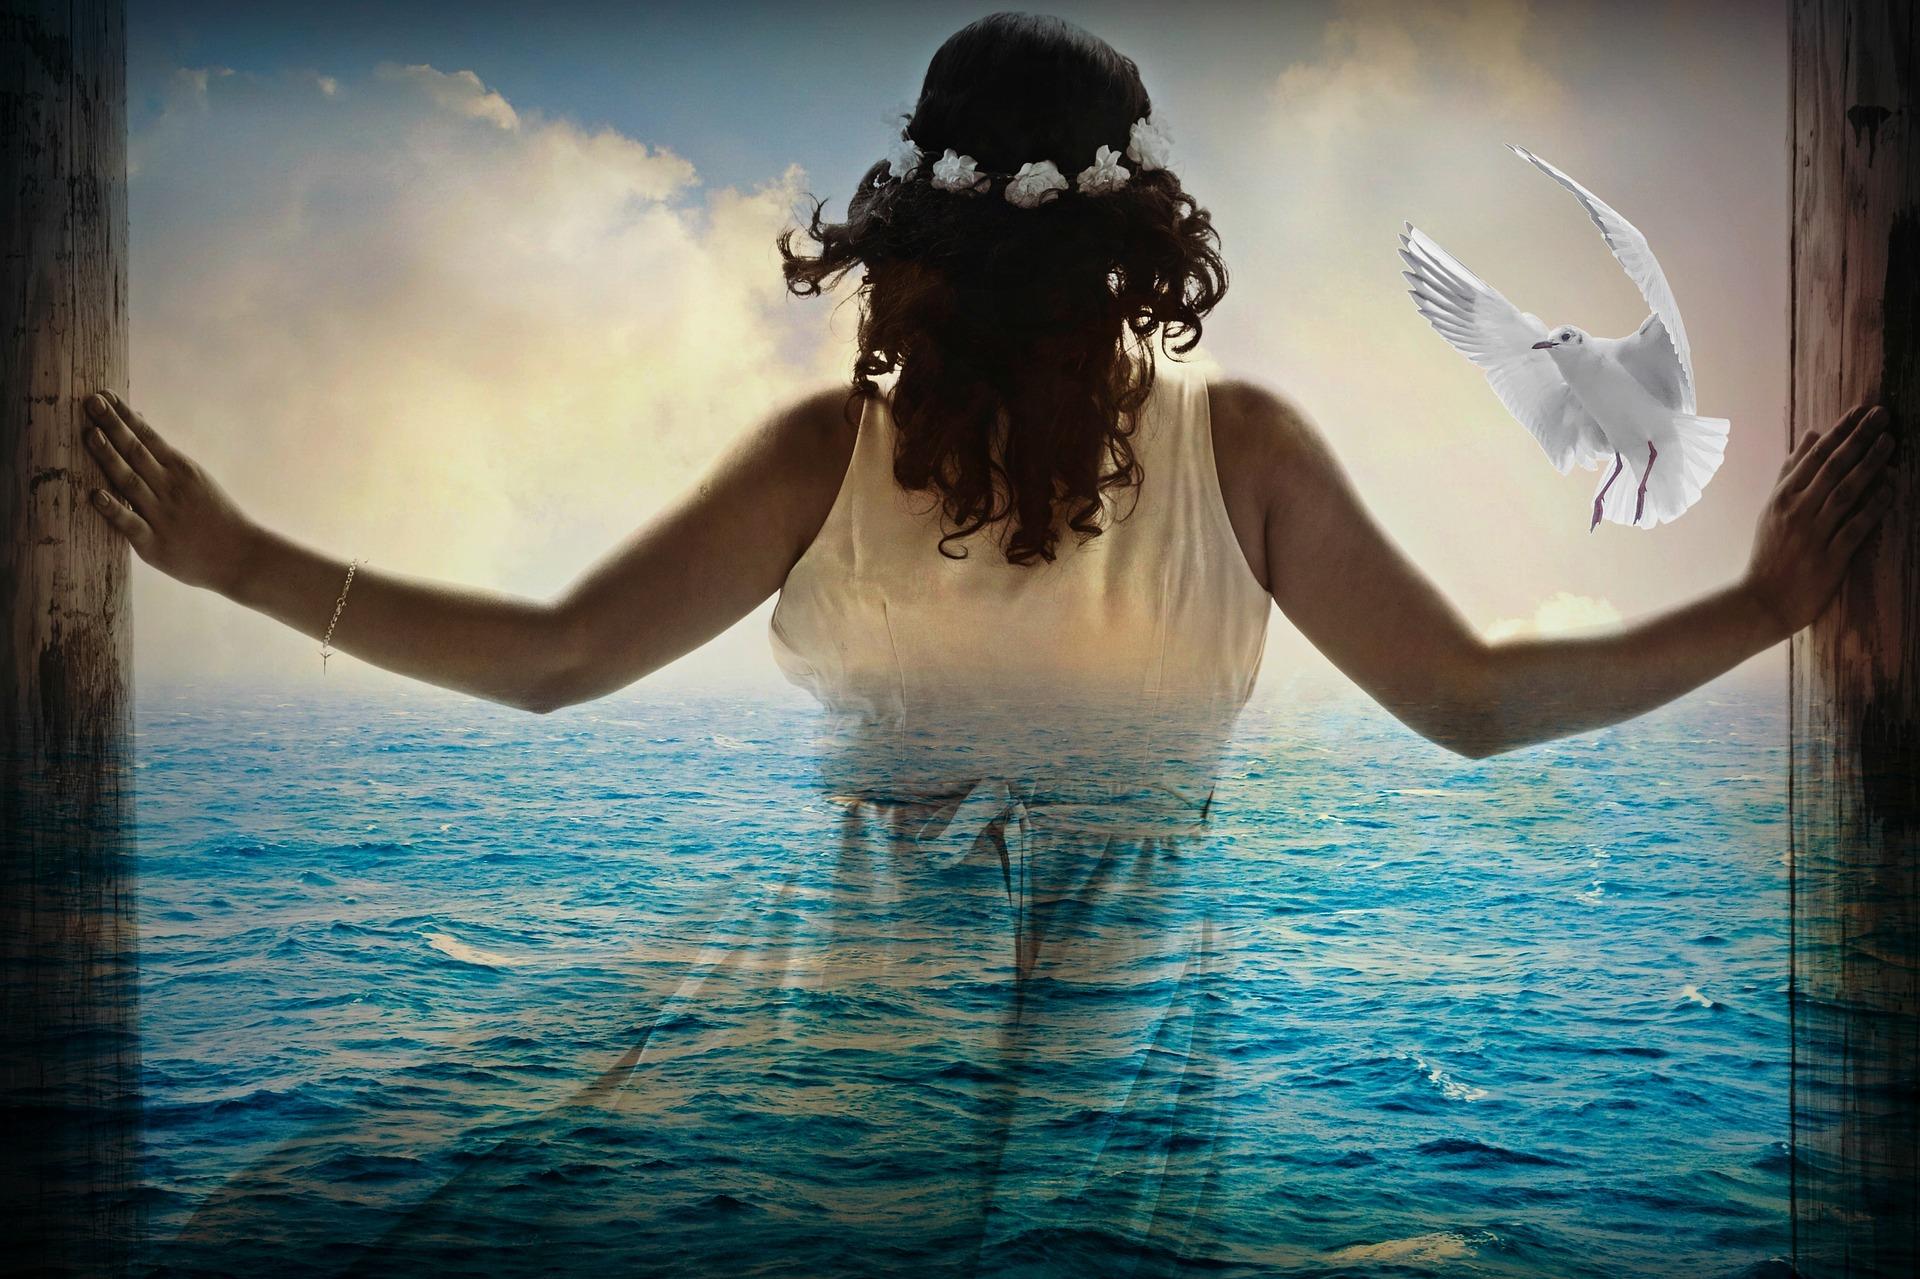 Soul Journeying to Restore Inner Light